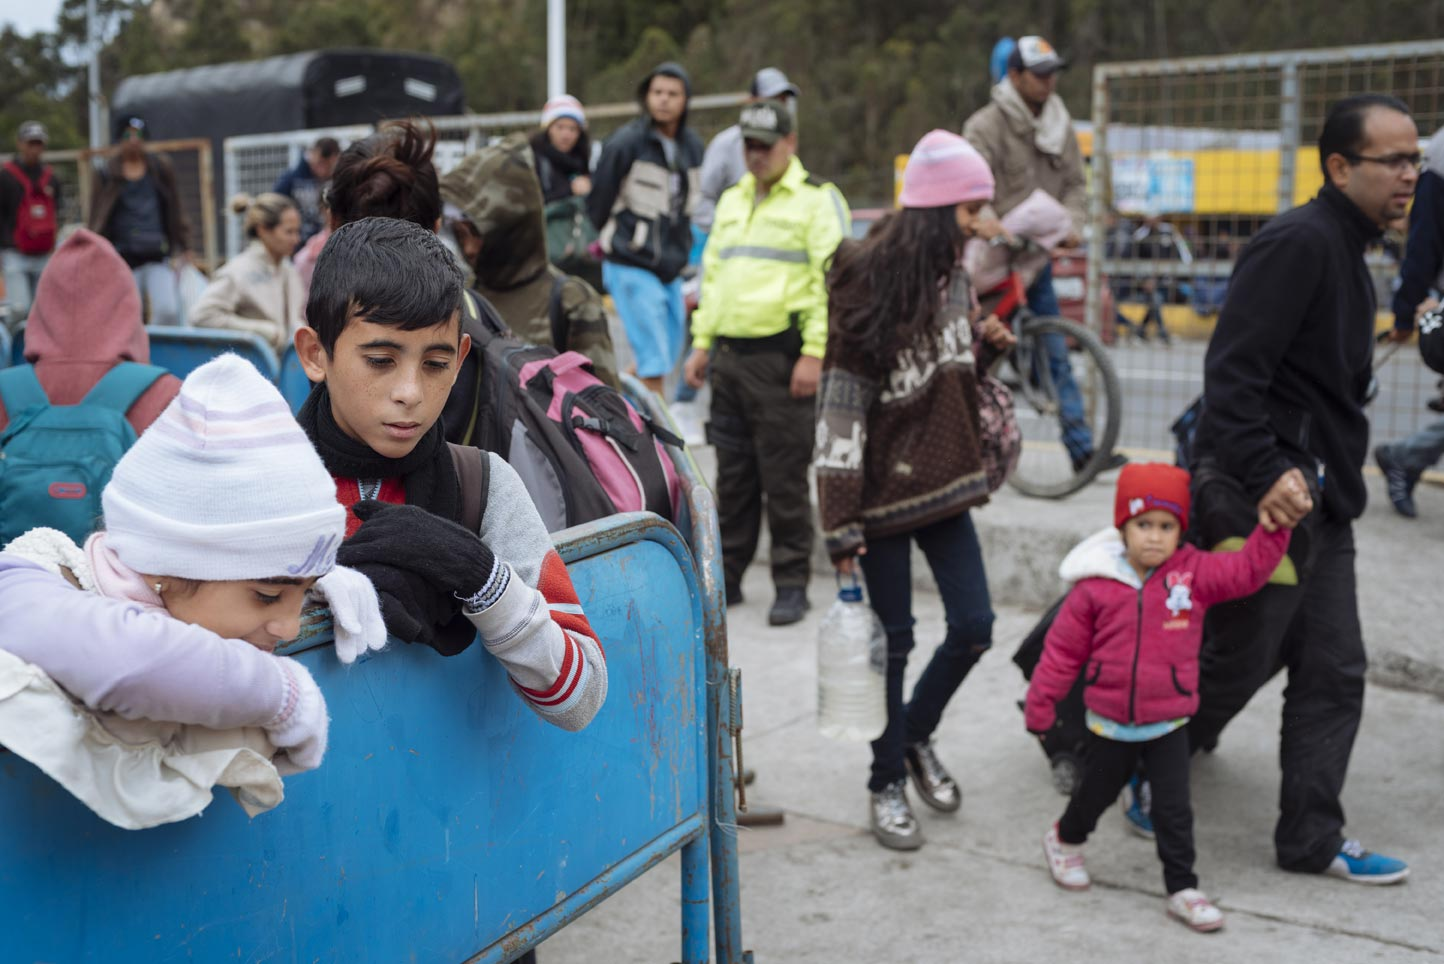 Jesús Skinner (12) y Camila Skinner (10) conversan mientras esperan junto a su madre su turno en la fila preferencial para sellar sus pasaportes en la Aduana de Ecuador, y luego seguir su viaje hacia Lima, Perú.